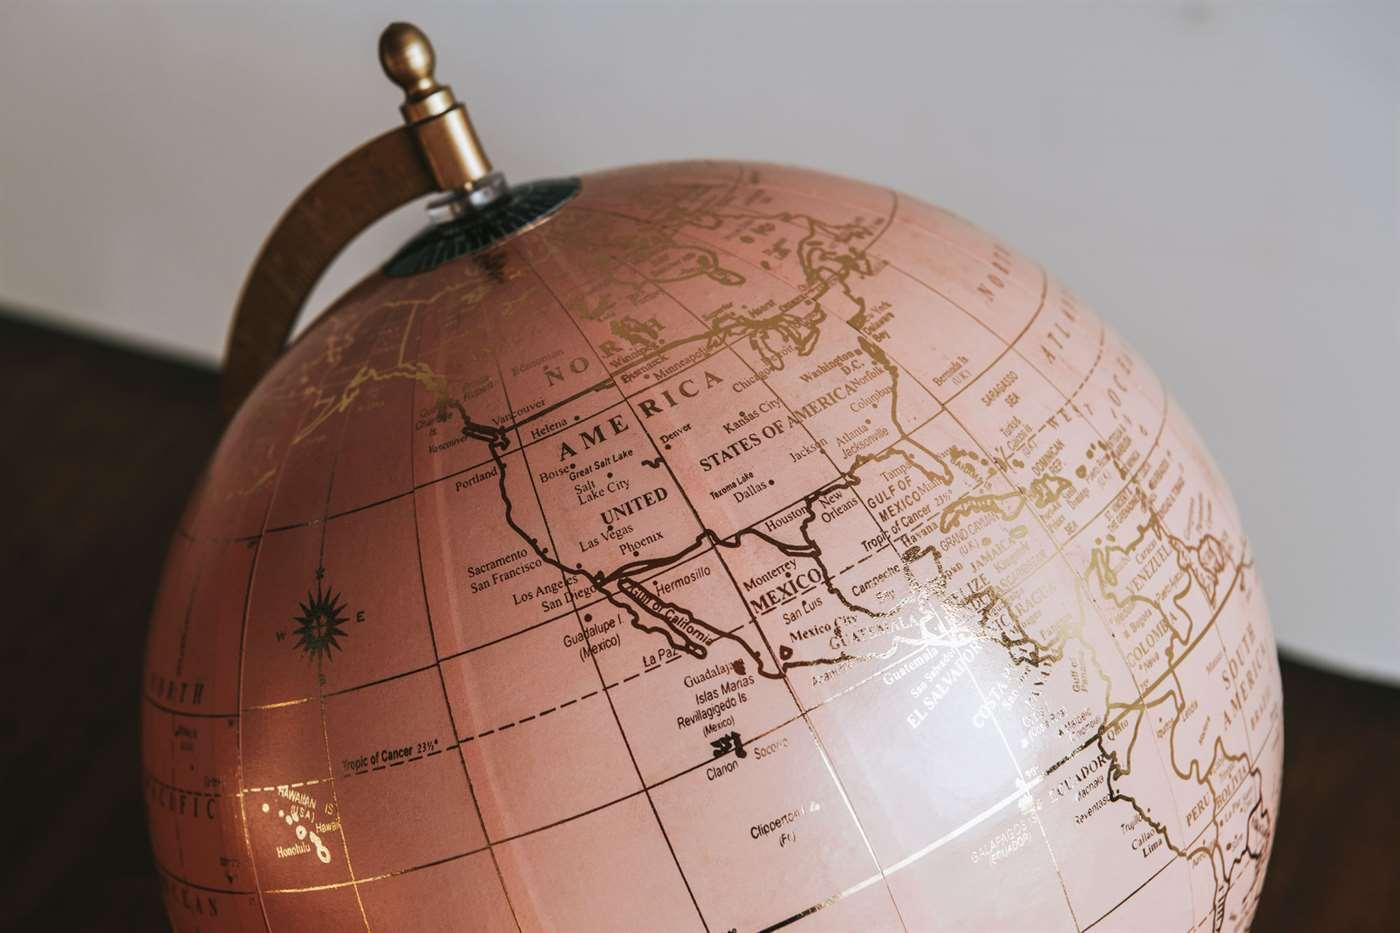 Traducció professional per a agències de comunicació, traducció professional agències de comunicació